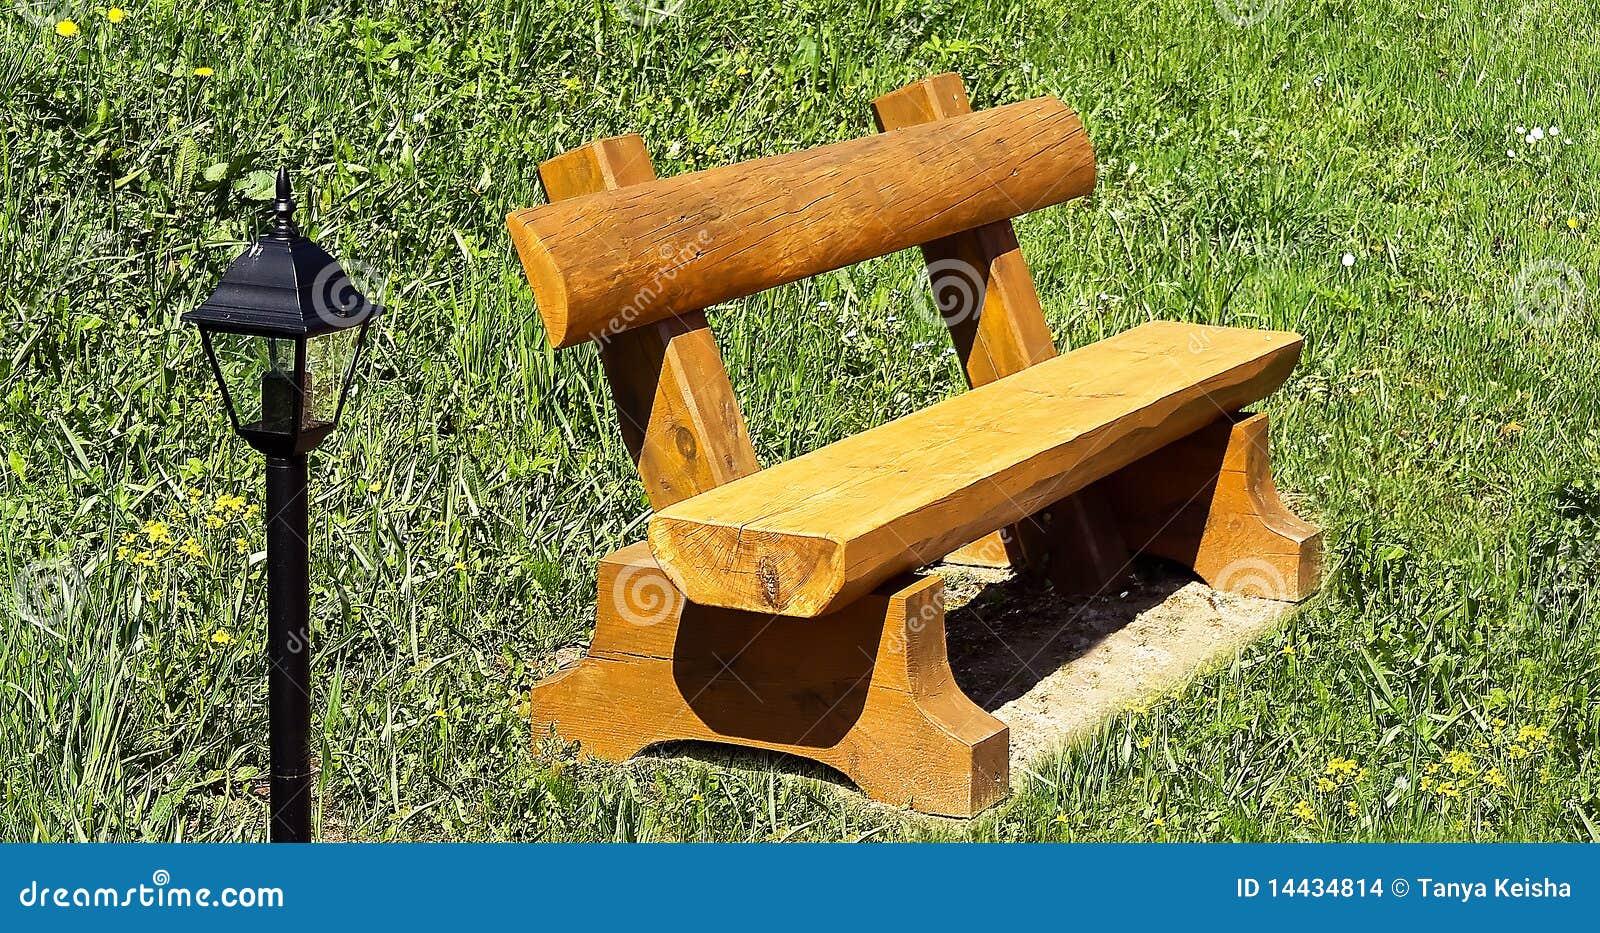 banco de jardim cavalo:Banco De Madeira Do Jardim Imagens de Stock – Imagem: 14434814